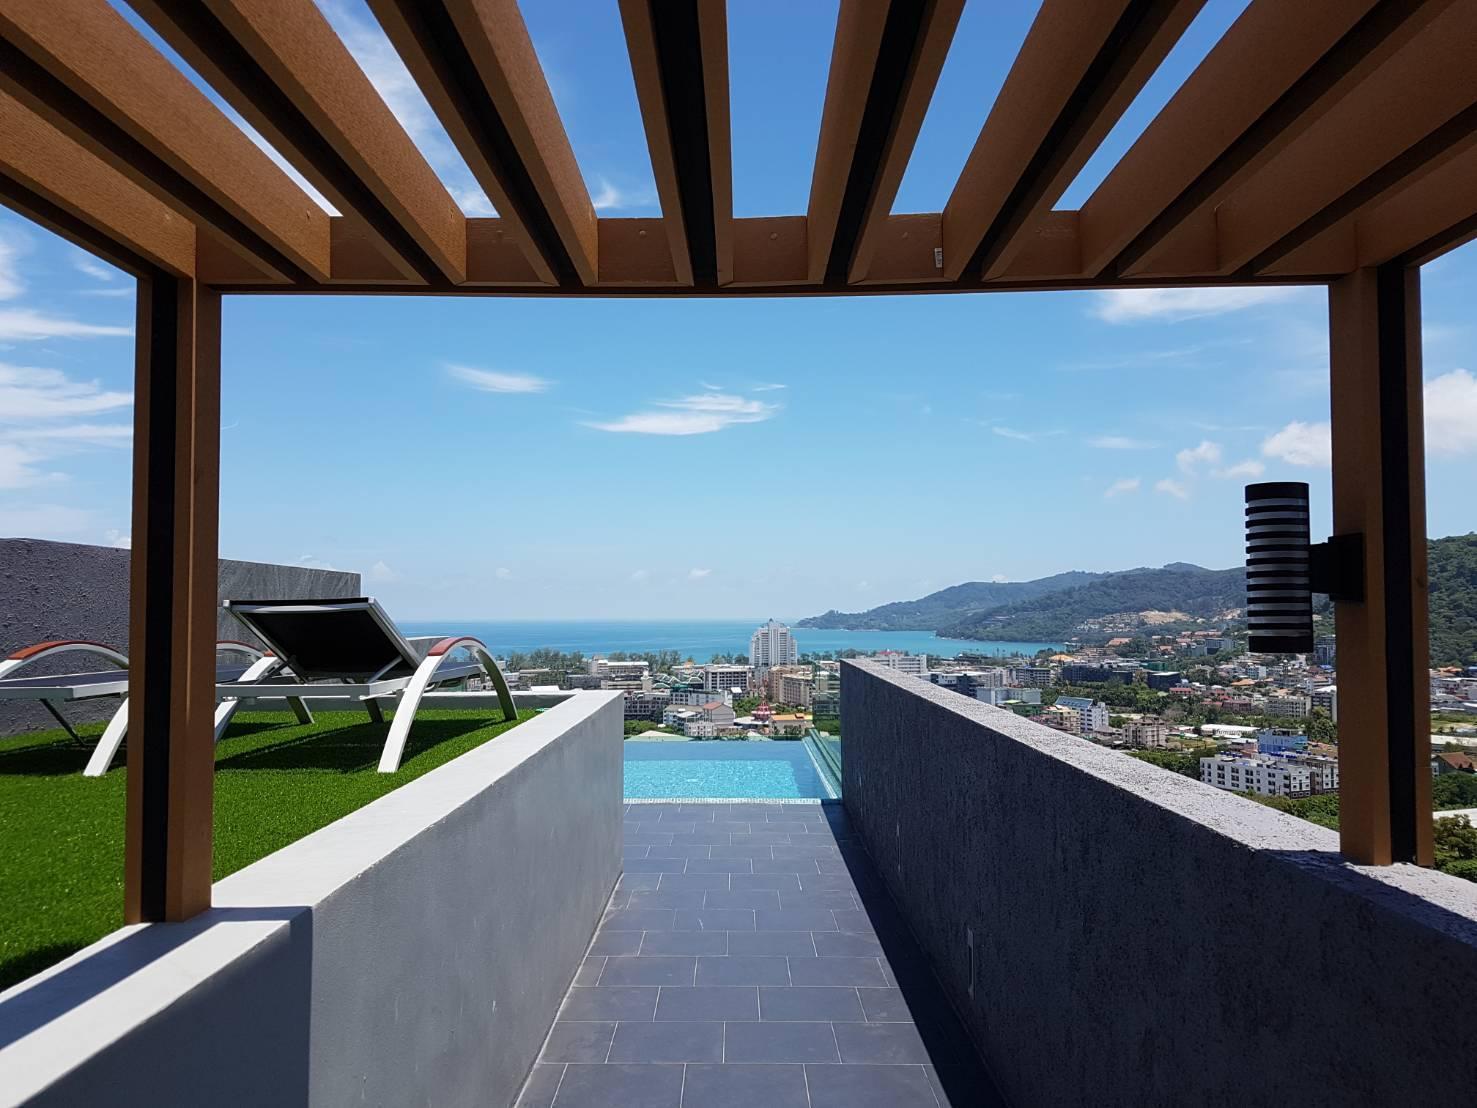 Searocco Phuket ซีรอกโค ภูเก็ต